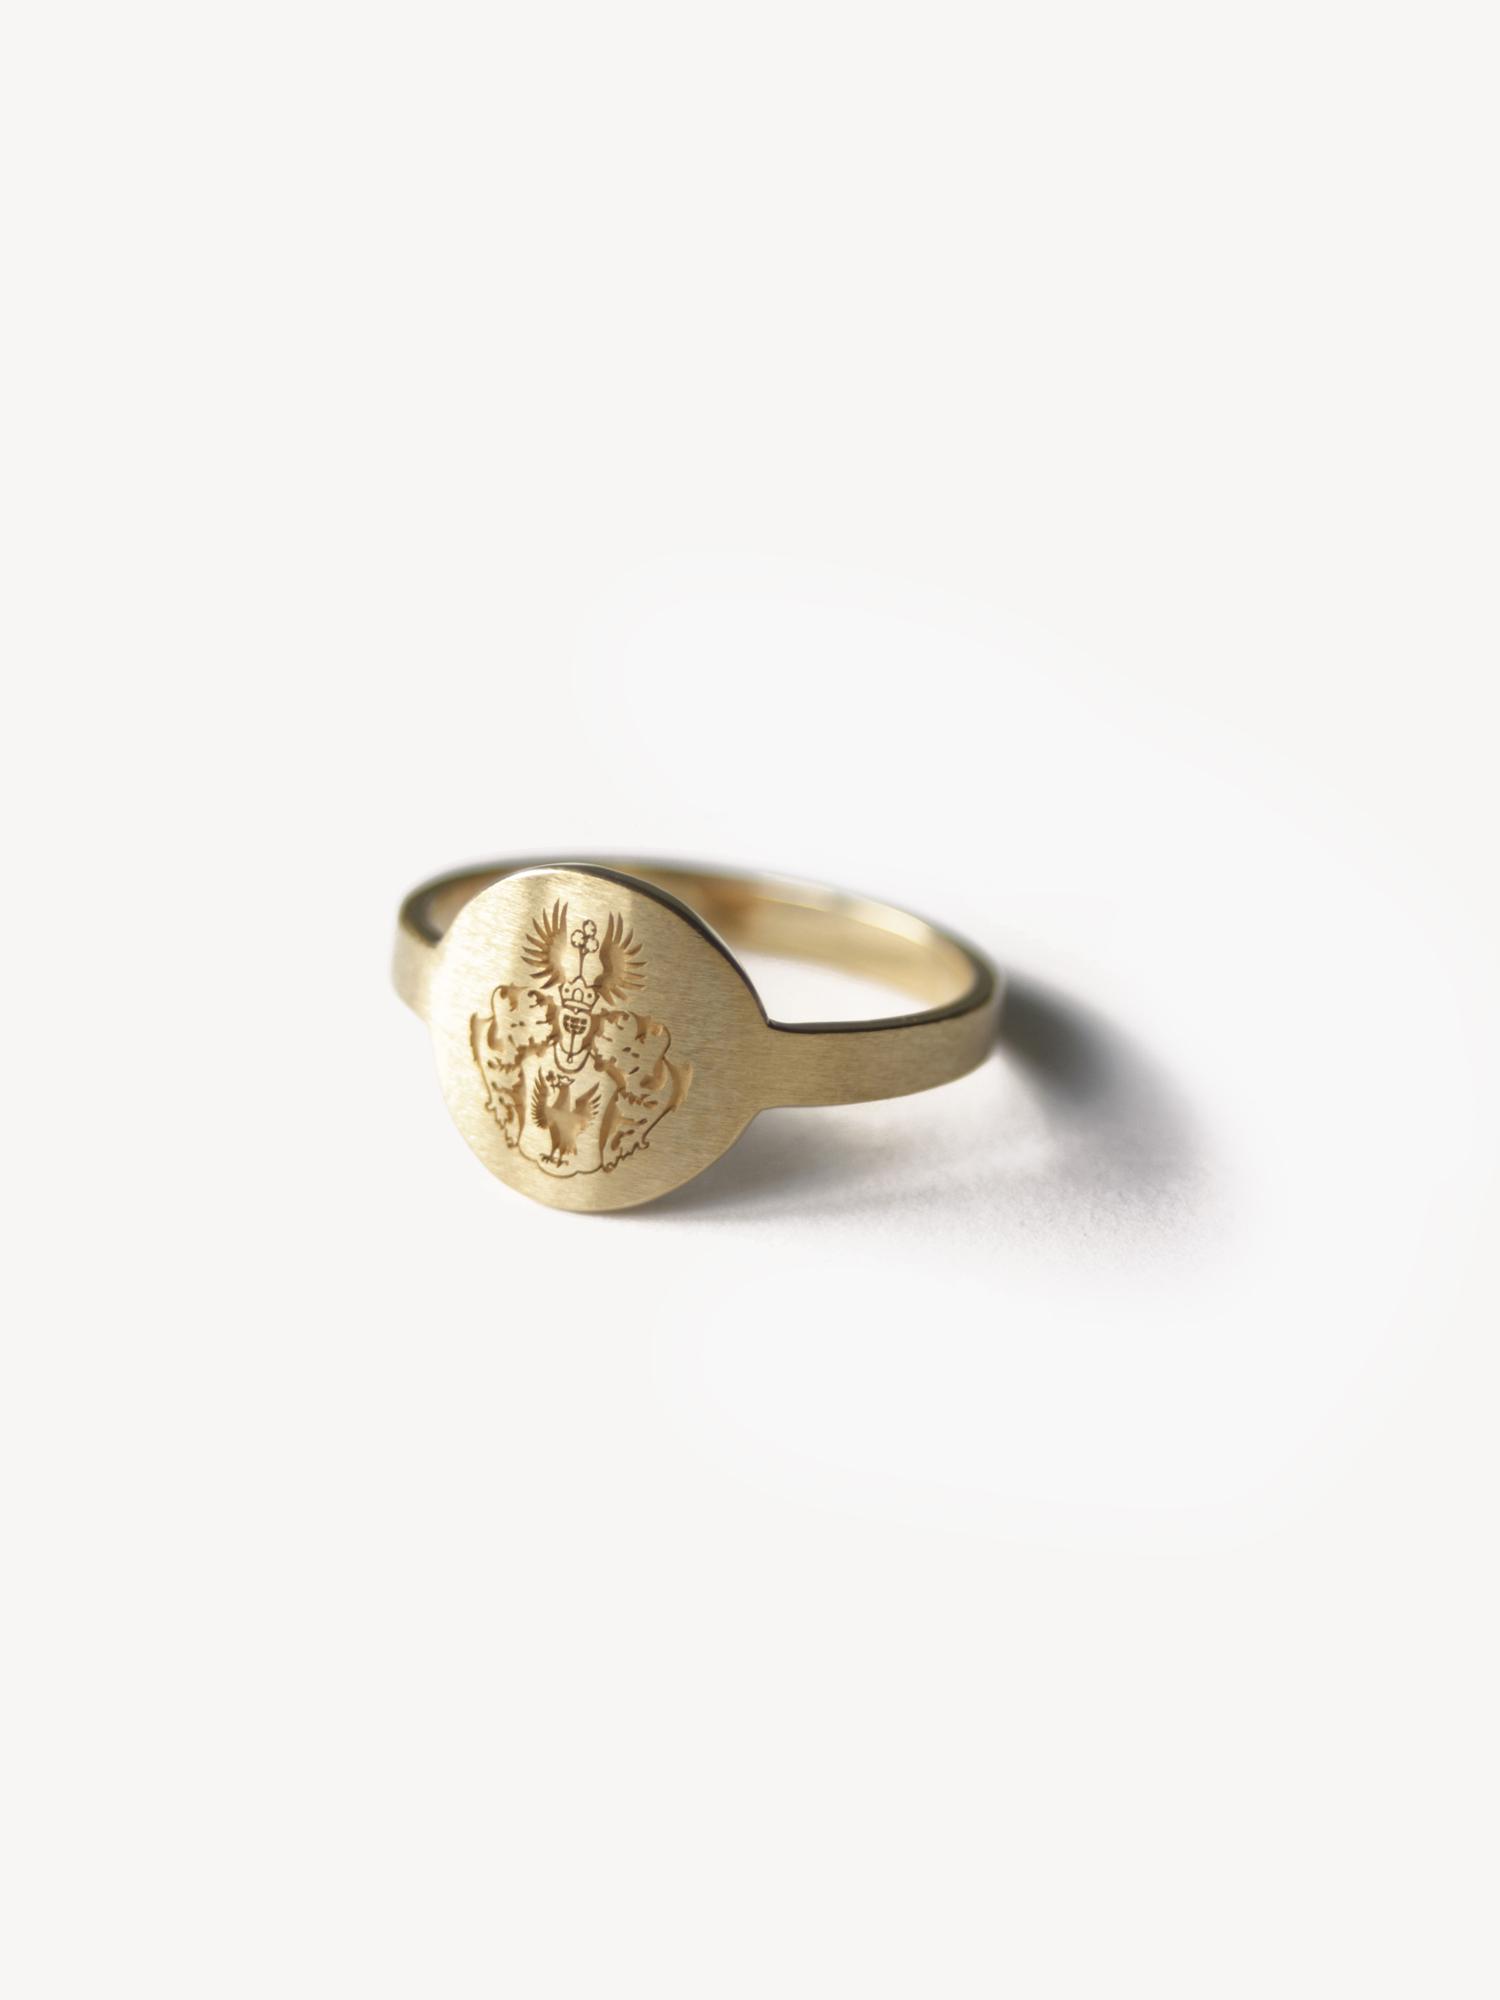 Siegelring Anda mit Wappengravur in rund, mittlere Größe in 585 Gold  Signet ring Anda with engraved emblem in round, medium variation in 14kt gold